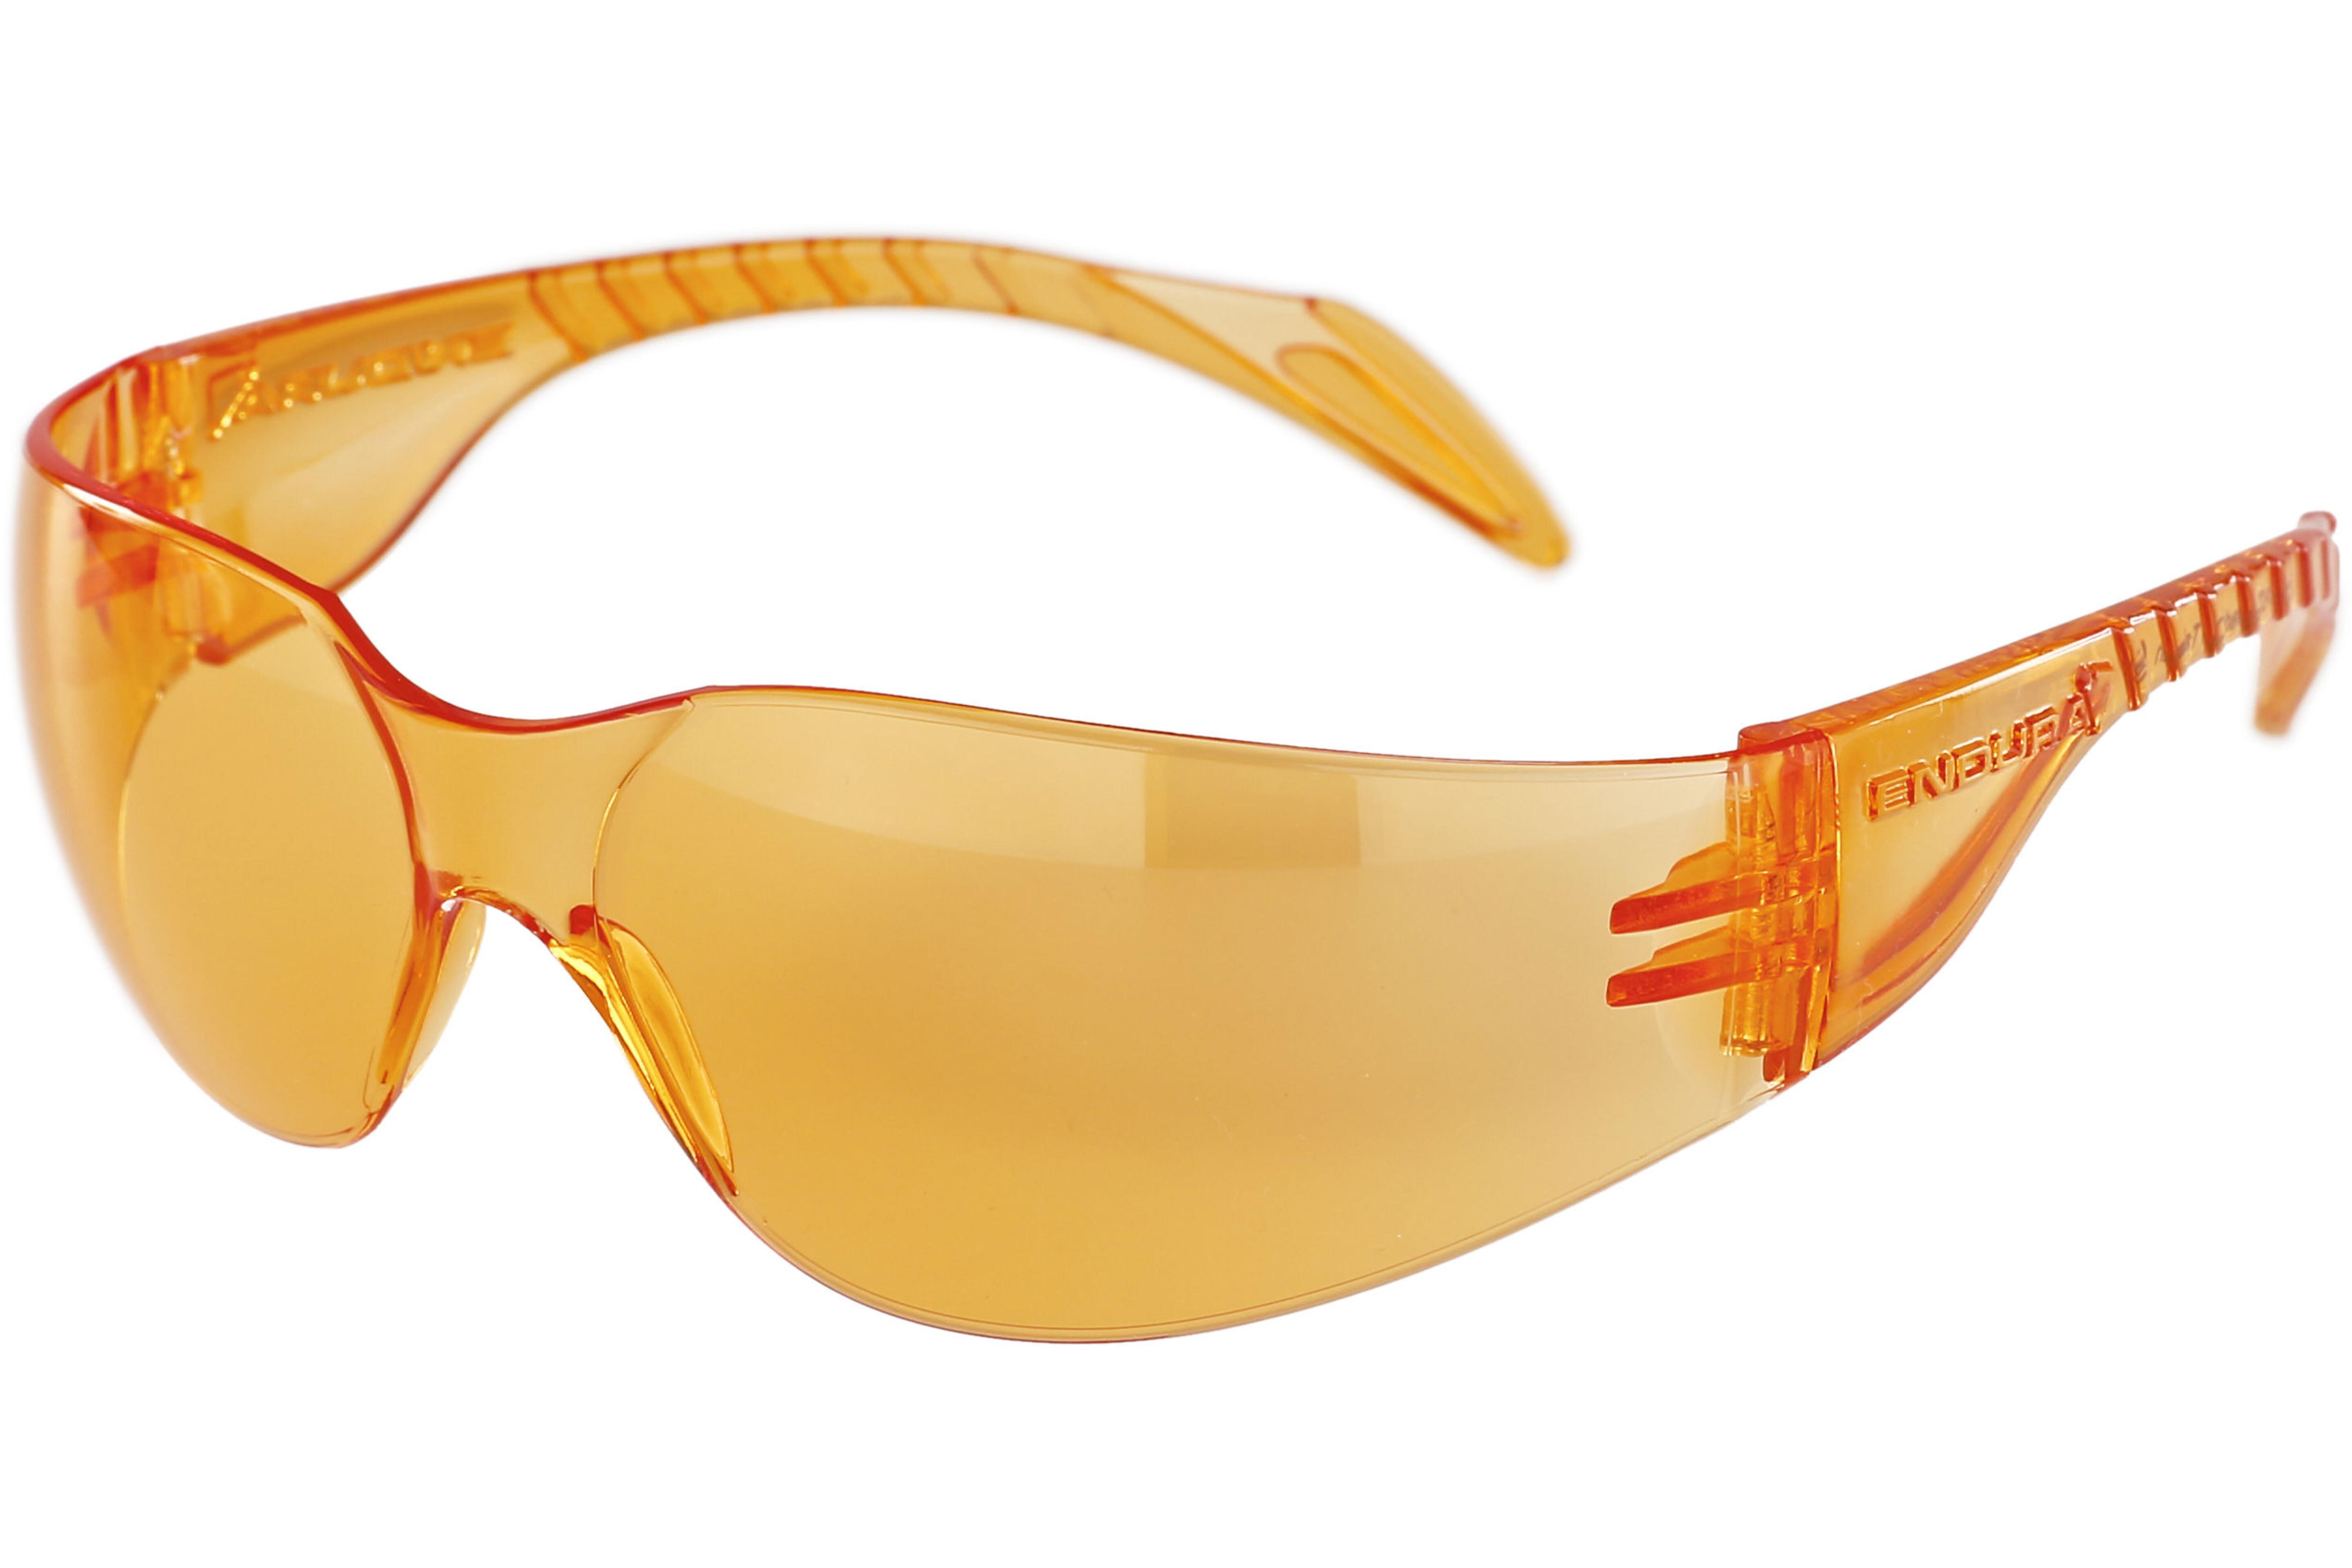 bajo precio 6f041 8bee6 Endura Rainbow Gafas ciclismo Mujer, orange